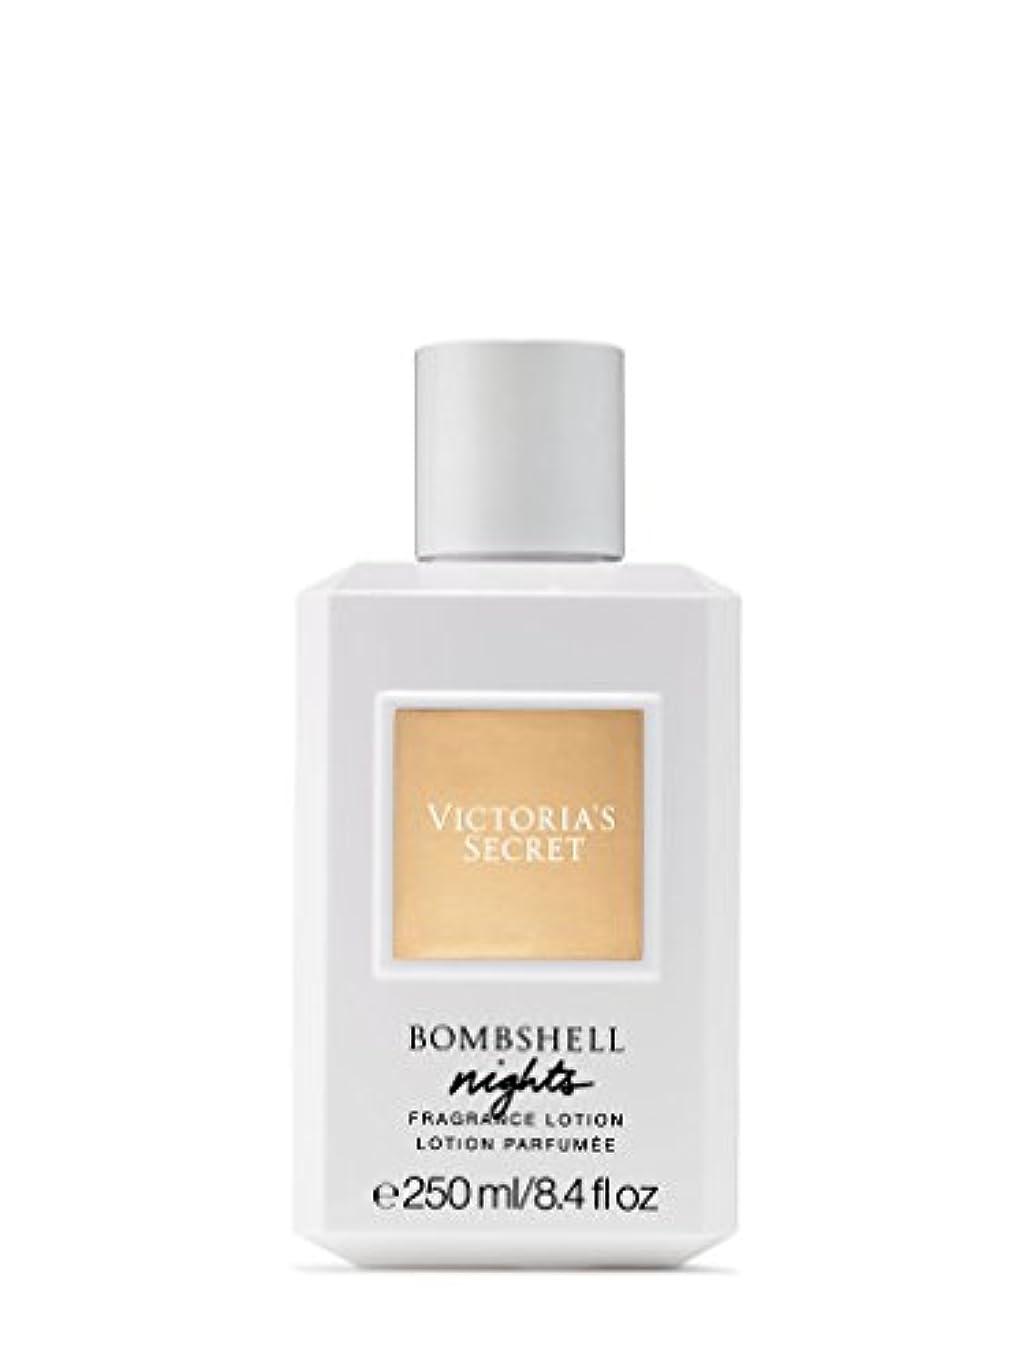 副産物考古学者特性Bombshell Nights (ボムシェル ナイツ) 8.4 oz (252ml) Fragrance Body Lotion ボディーローション by Victoria's Secret for Women